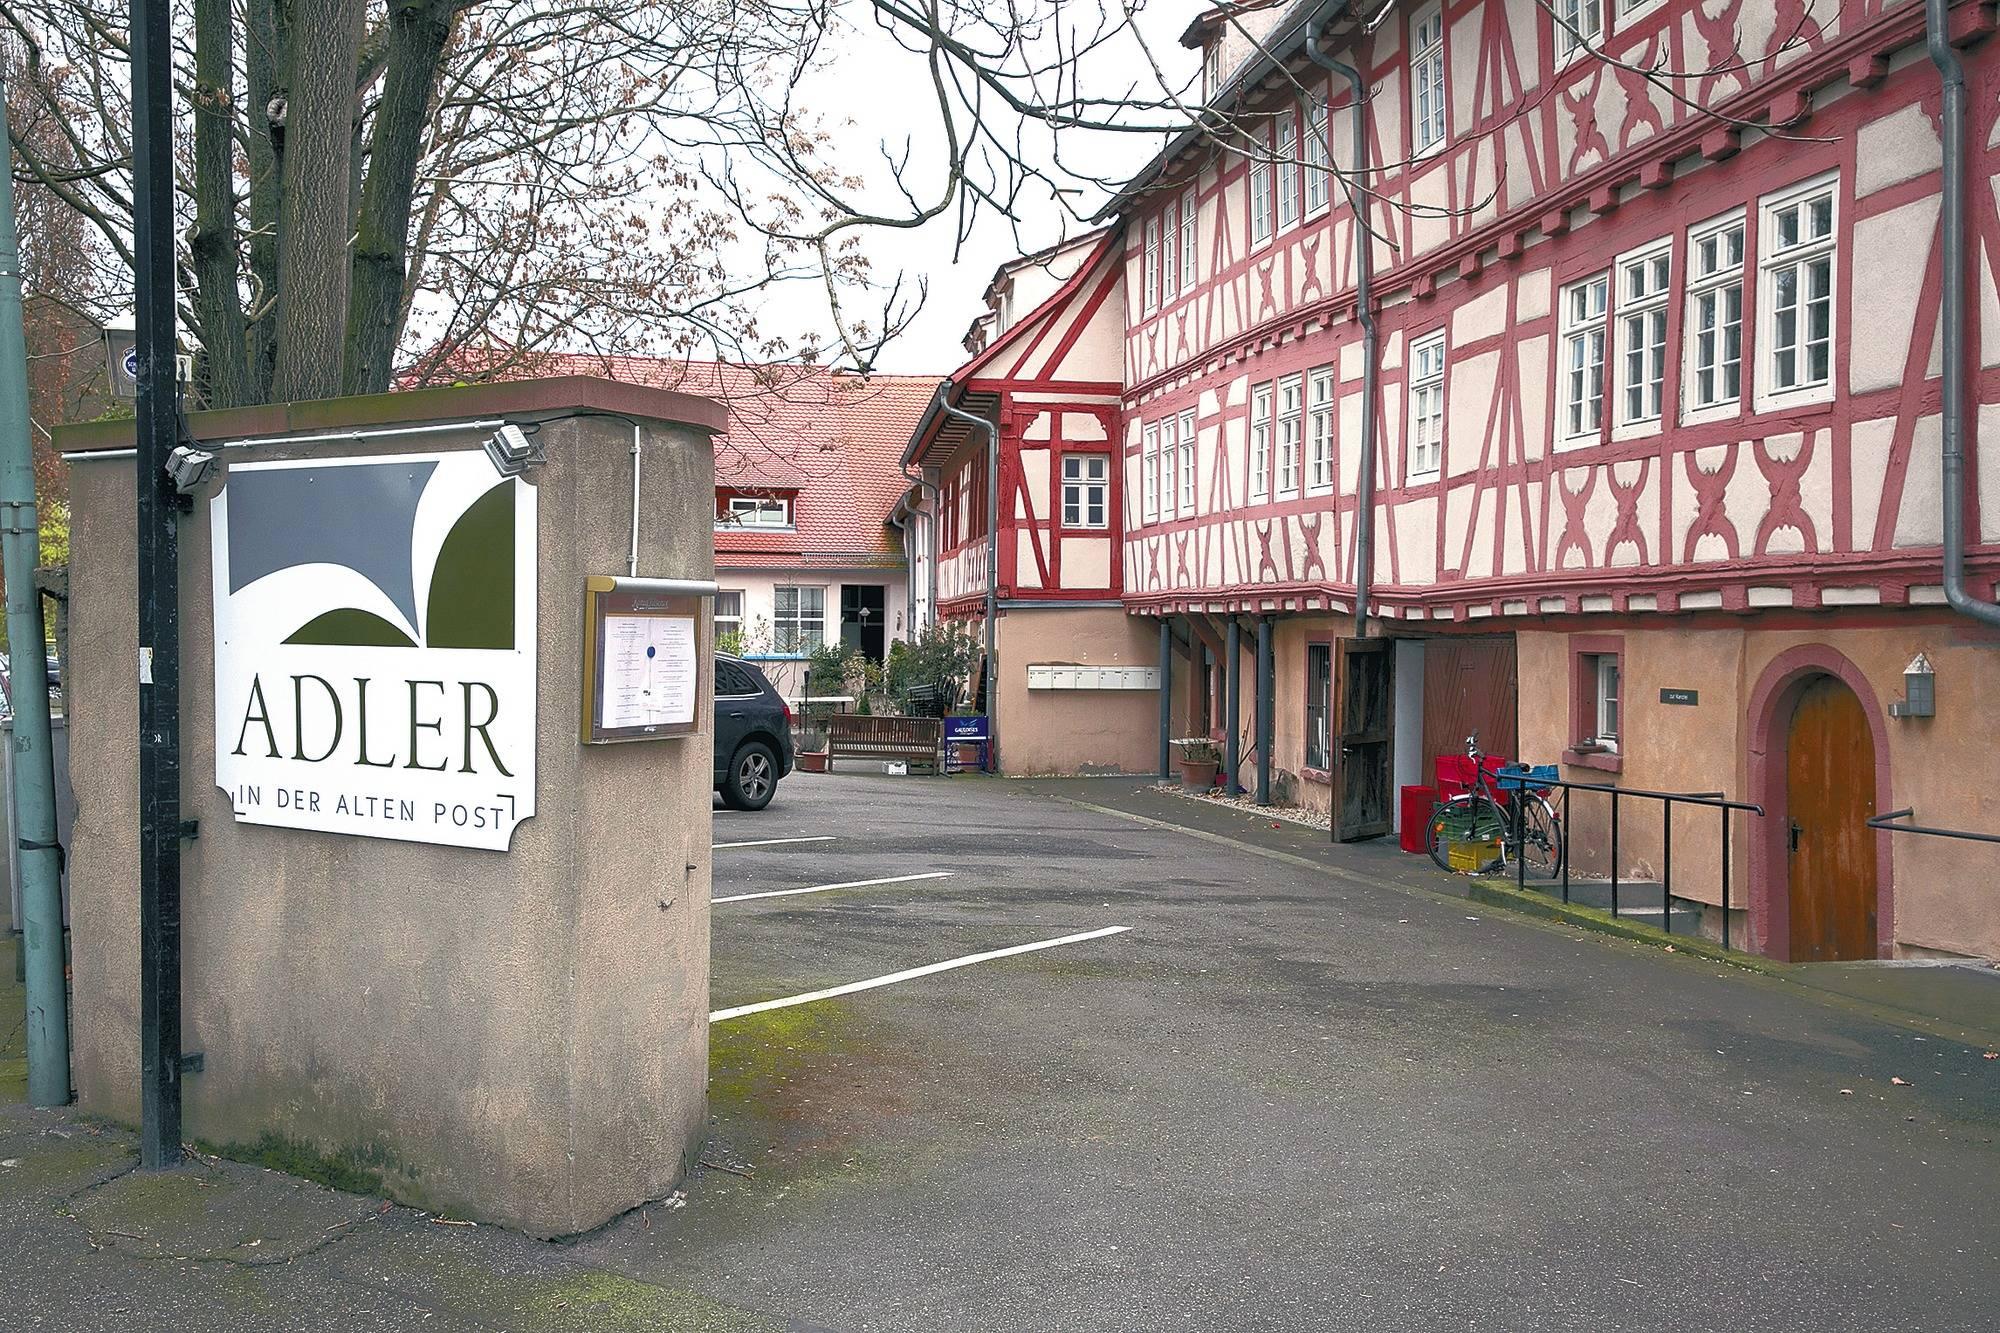 Schön Alte Post Weinheim: Pächter Müssen Aufhören